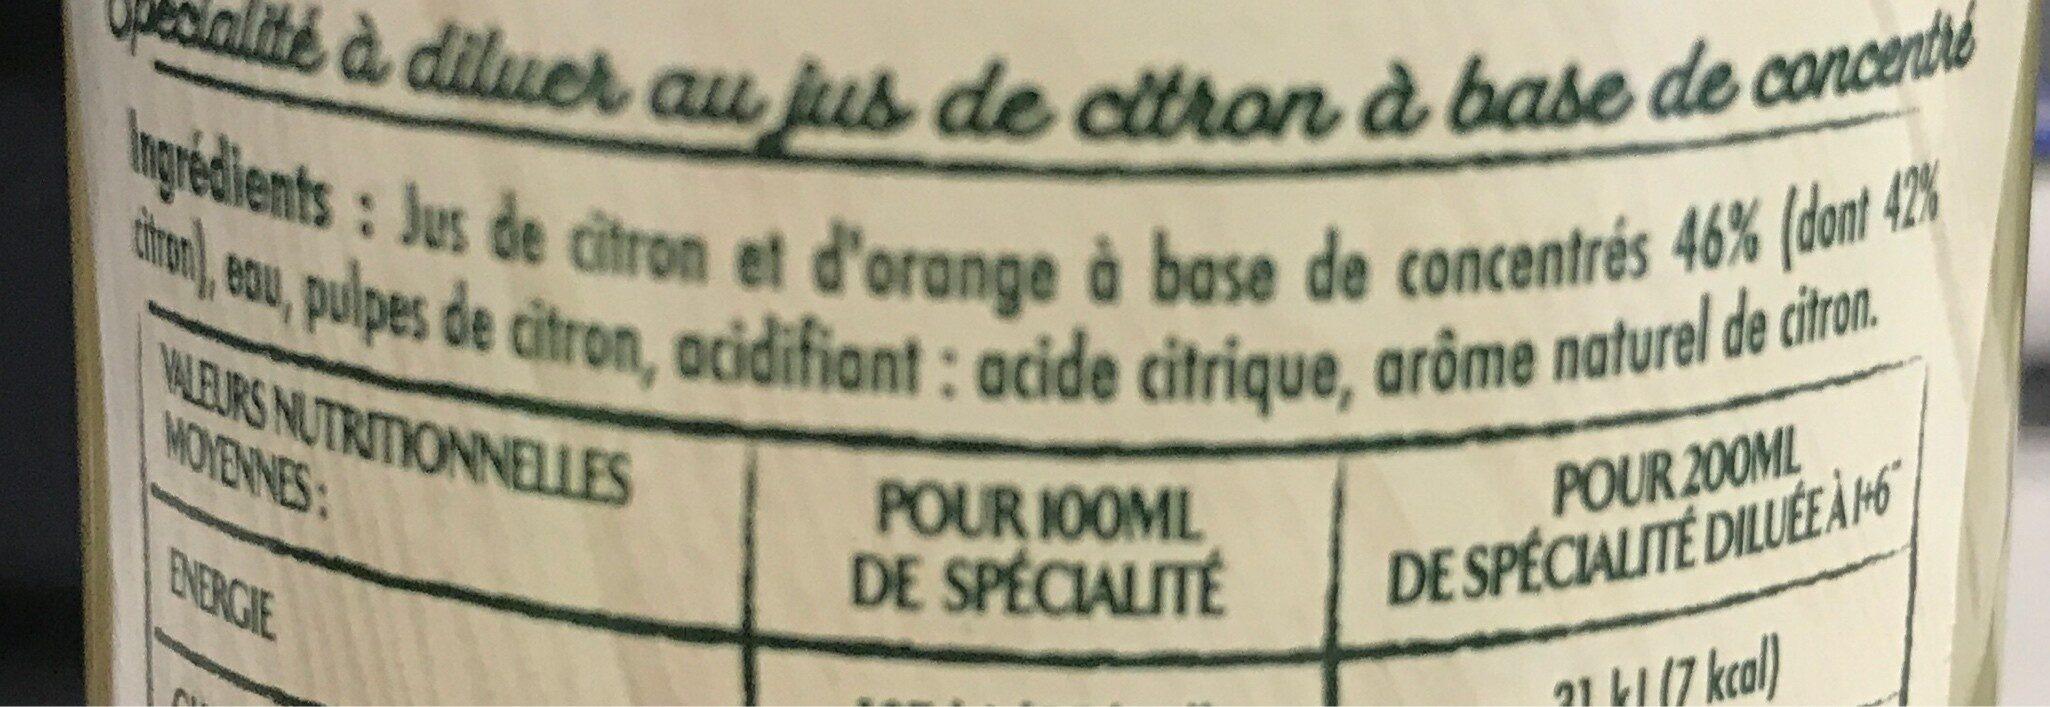 Specialité concentrée au citron - Ingrédients - fr